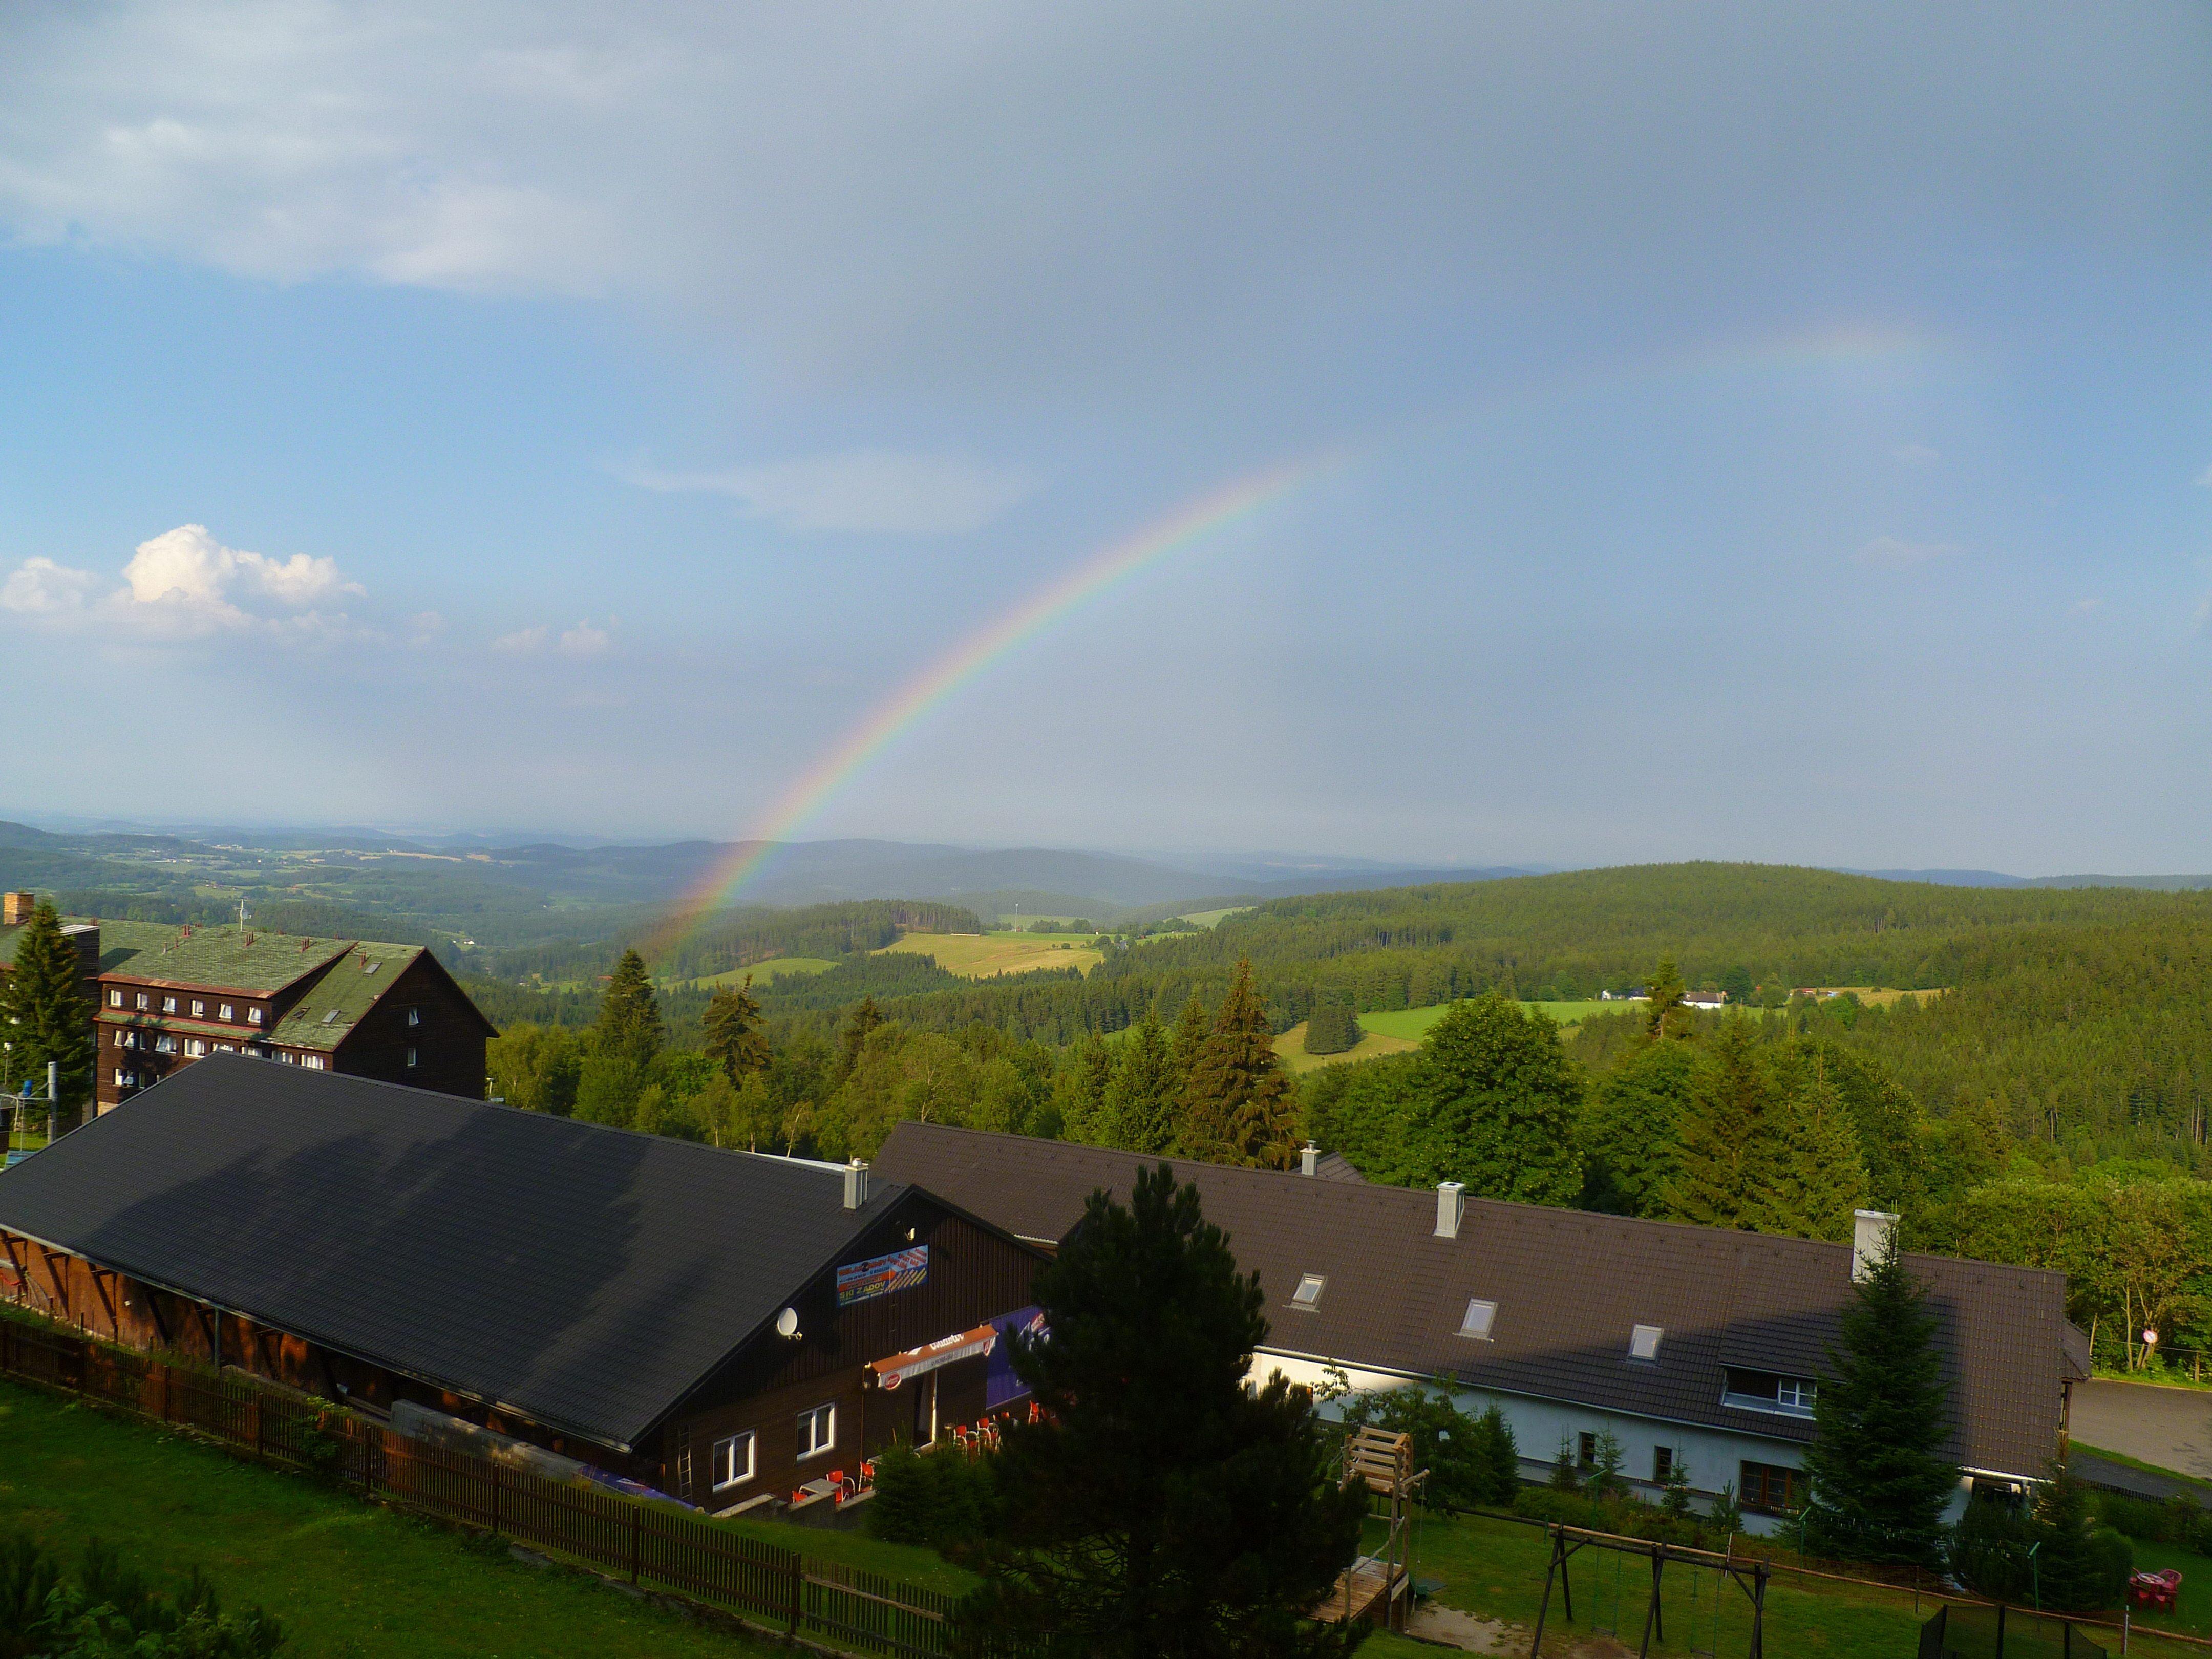 2014 Team Praha photo 8 from Ailalon Church - rainbow in Sumava Mts